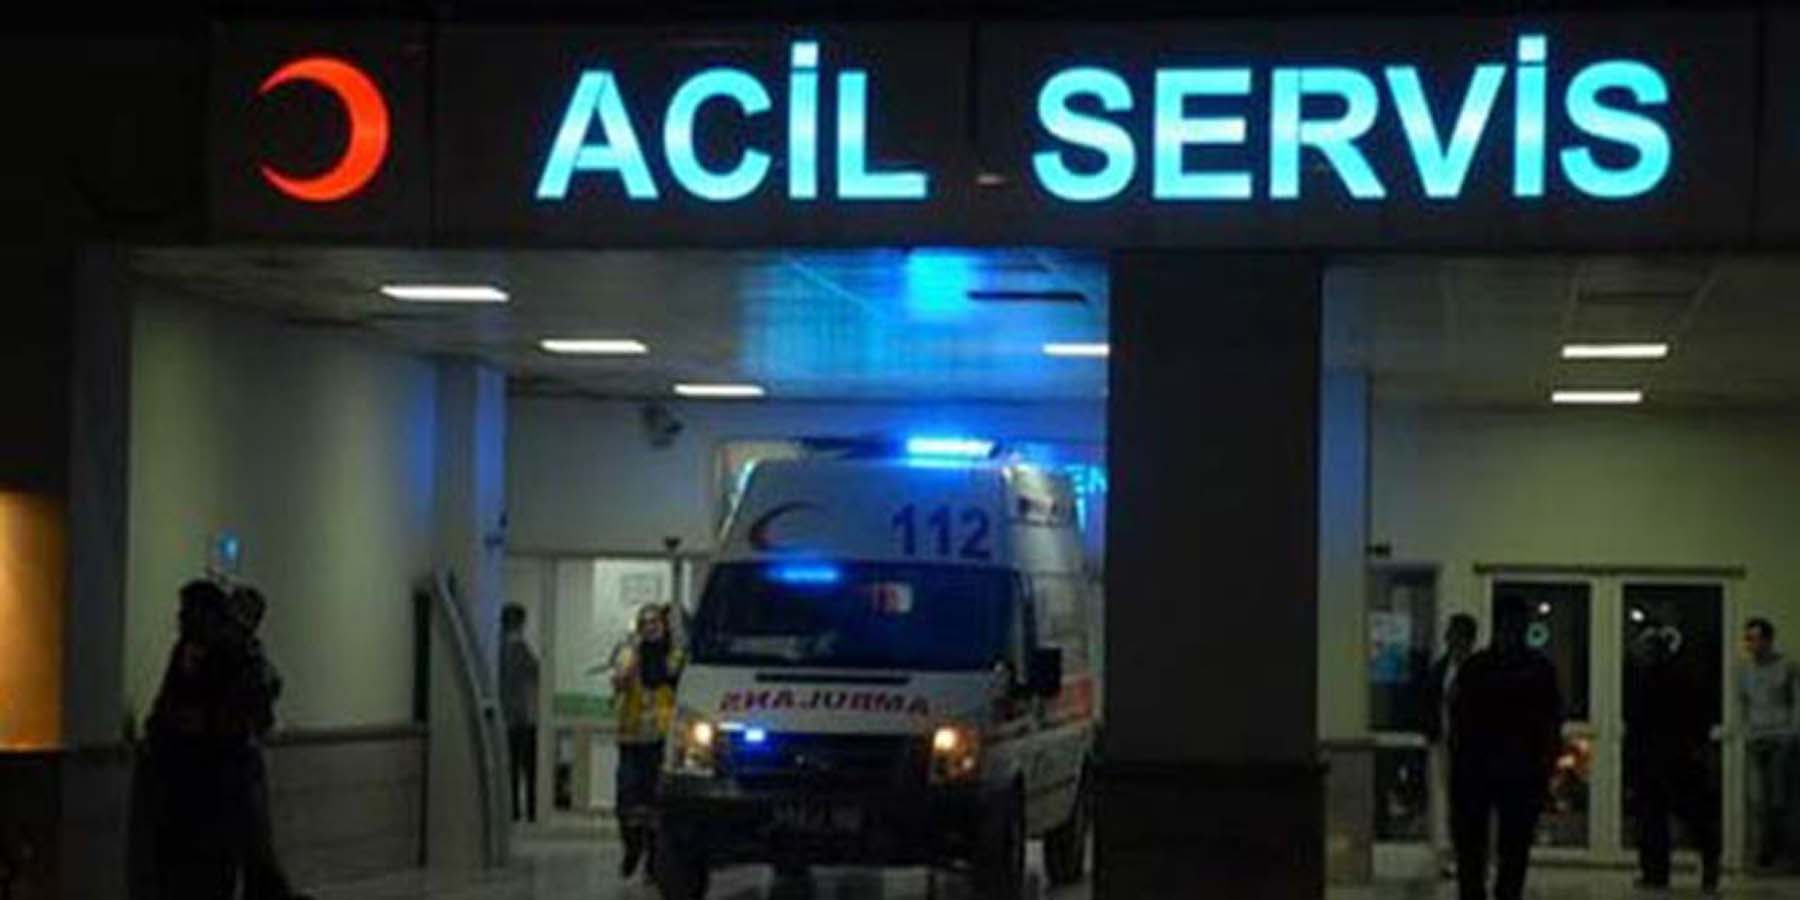 Doktoru Tehdit Eden Hasta Yakını Acil Serviste Çalışacak